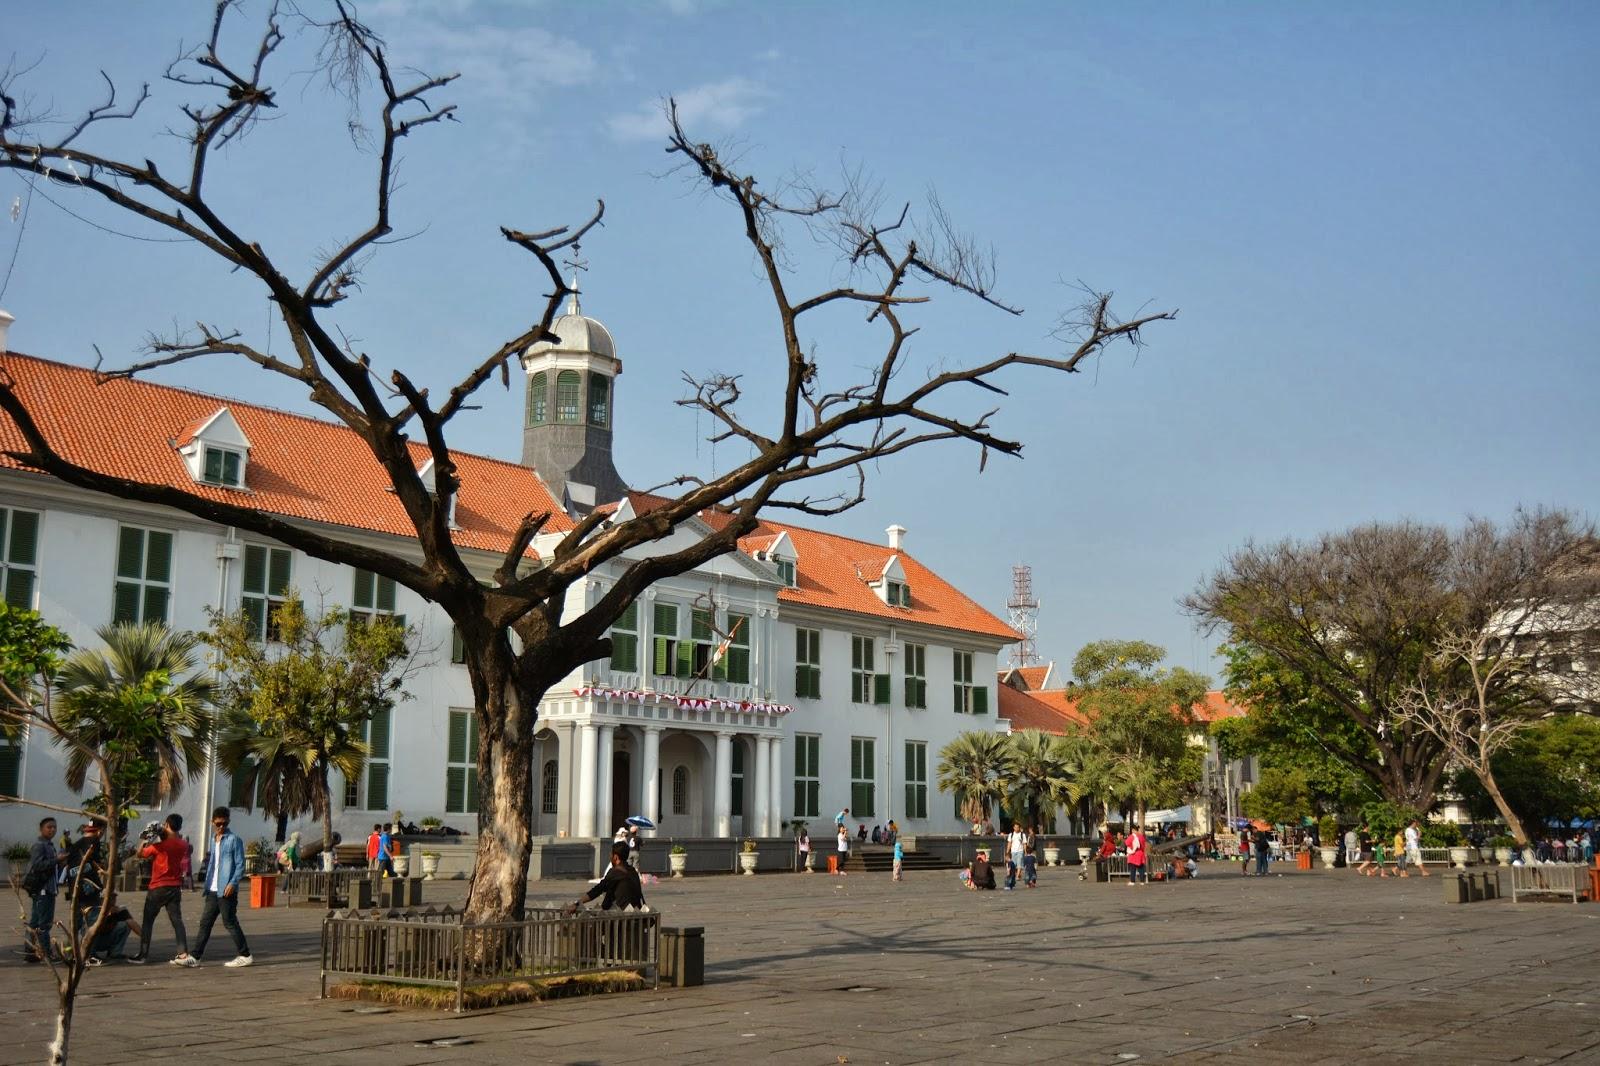 7 Tempat Bersejarah yang Paling 'Instagramgenik' di Indonesia